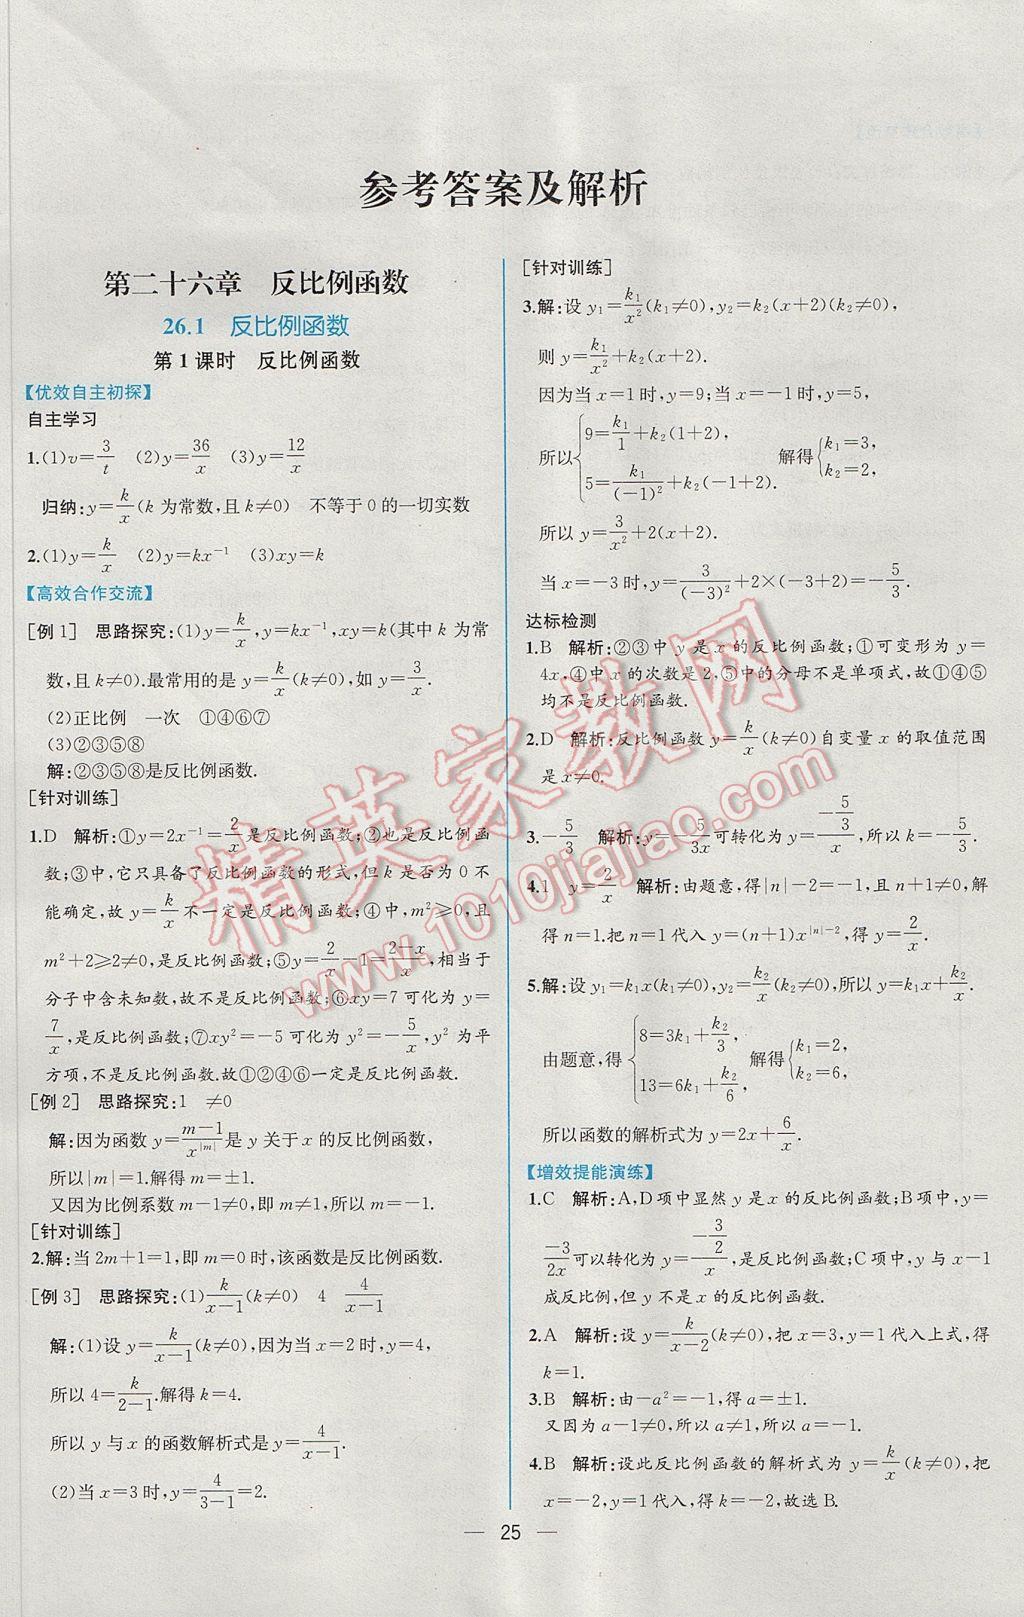 2017年同步导学案课时练九年级数学下册人教版参考答案第1页